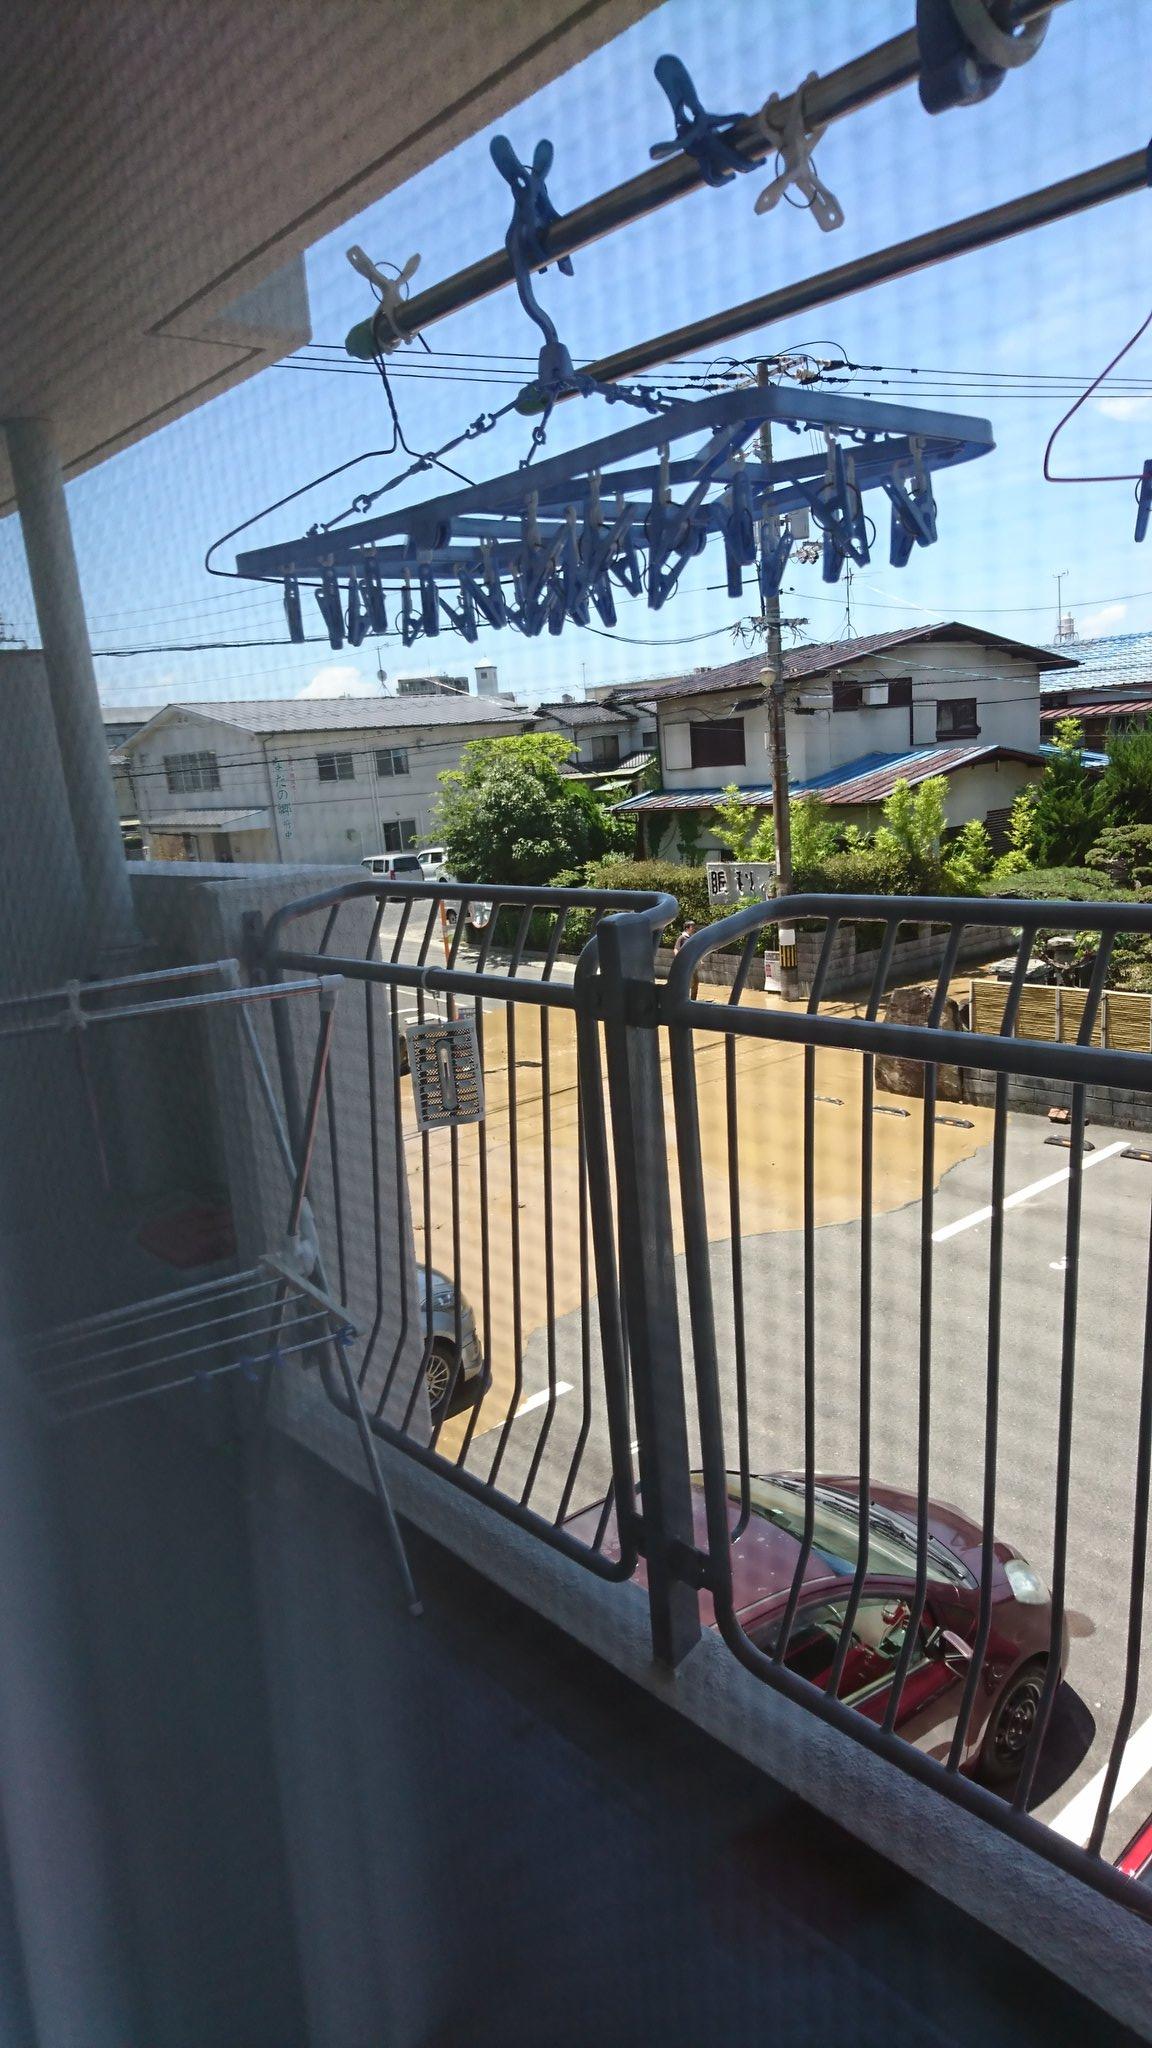 画像,榎川決壊で外こんなかんじに https://t.co/f7GwsRQ9mt。